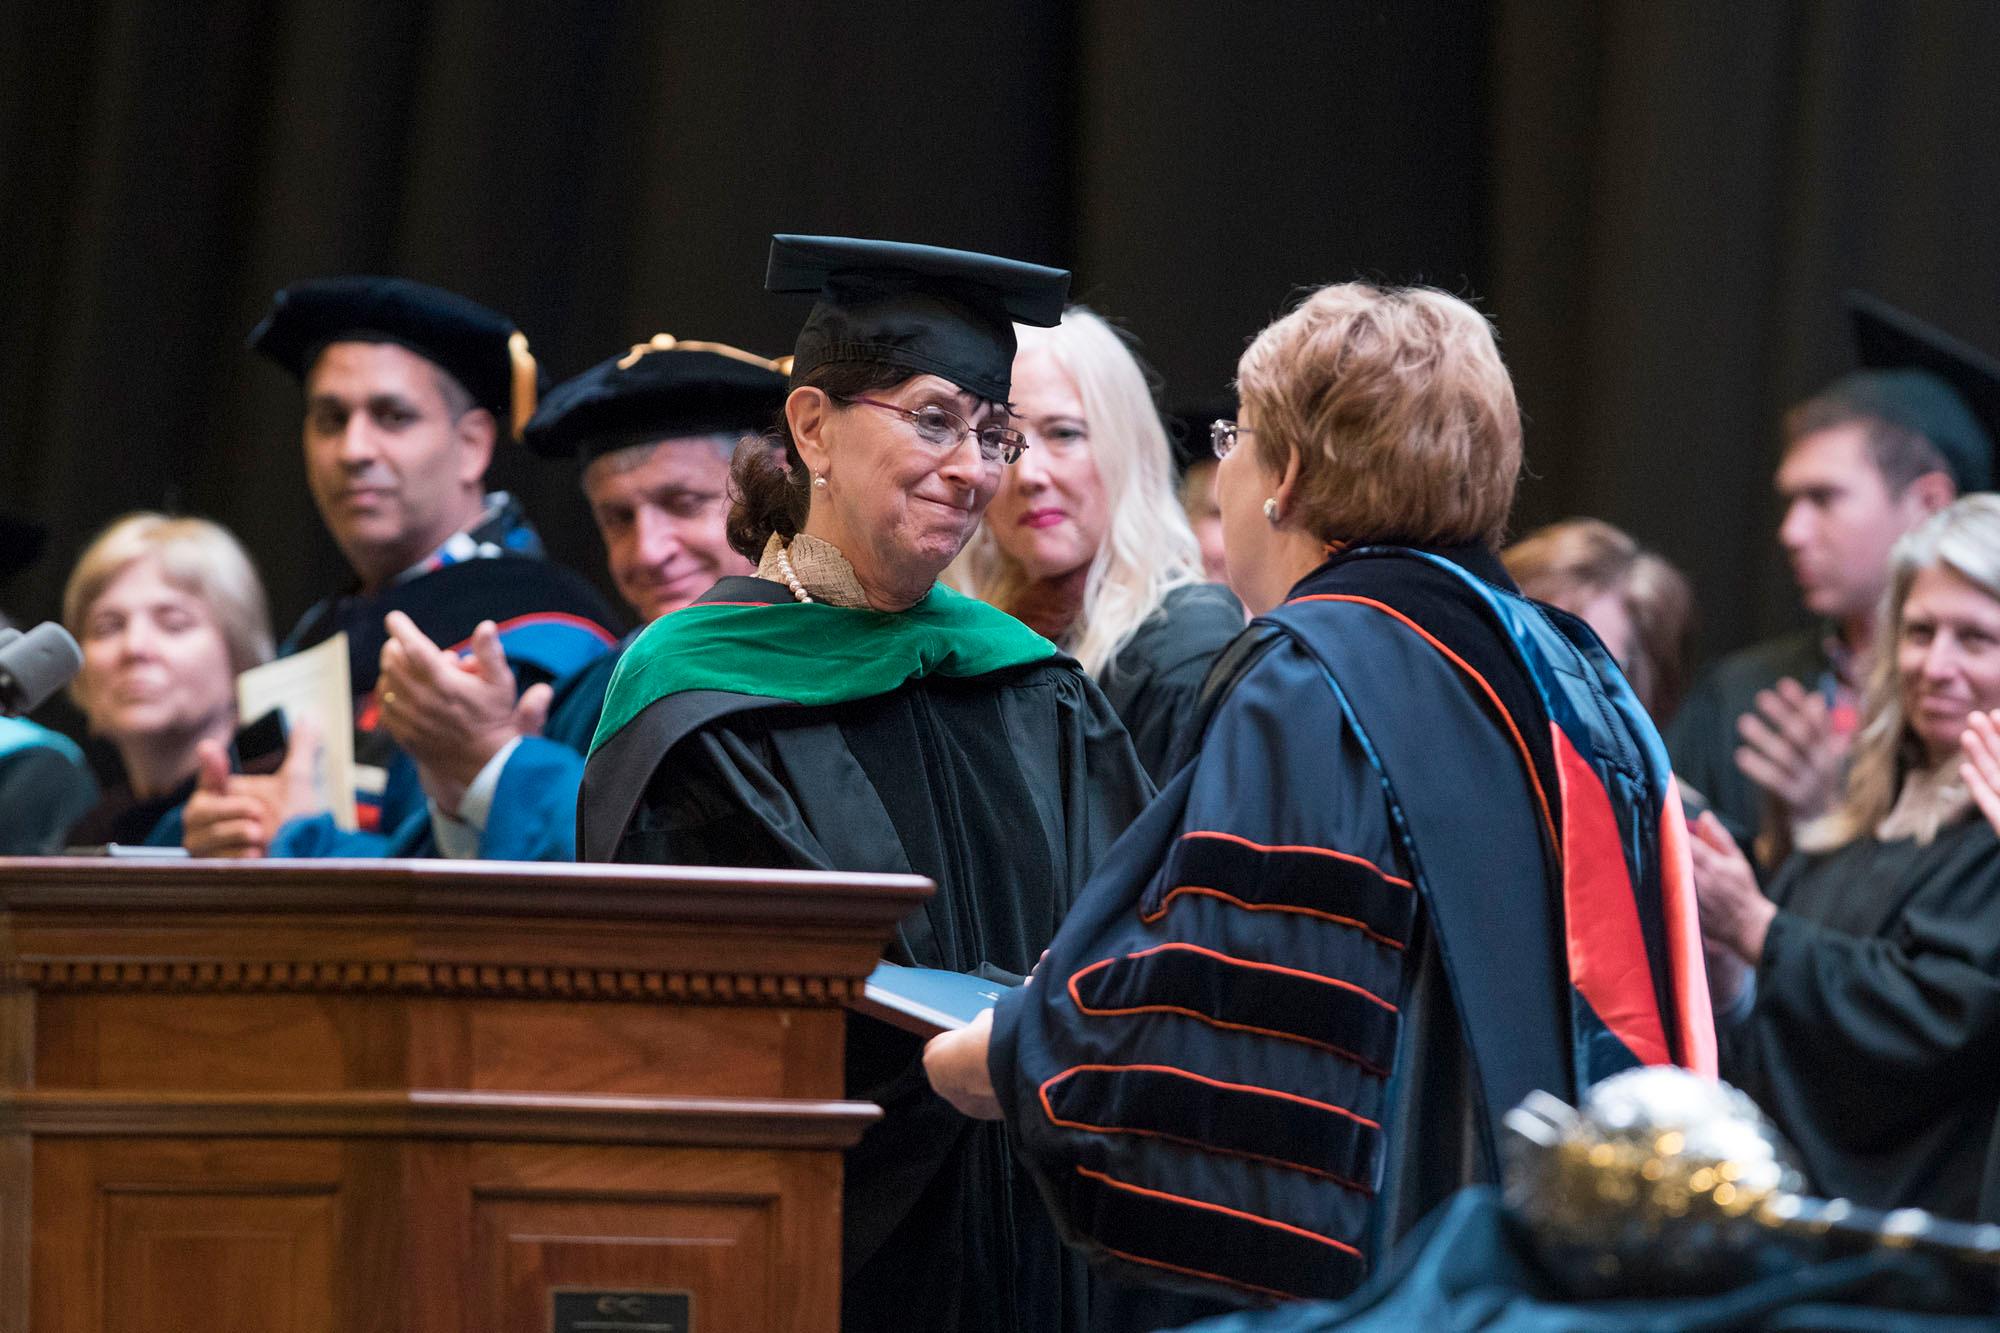 Dr. Karen S. Rheuban, director of the UVA Center for Telehealth, thanks University President Teresa A. Sullivan after receiving the Thomas Jefferson Award for Service.